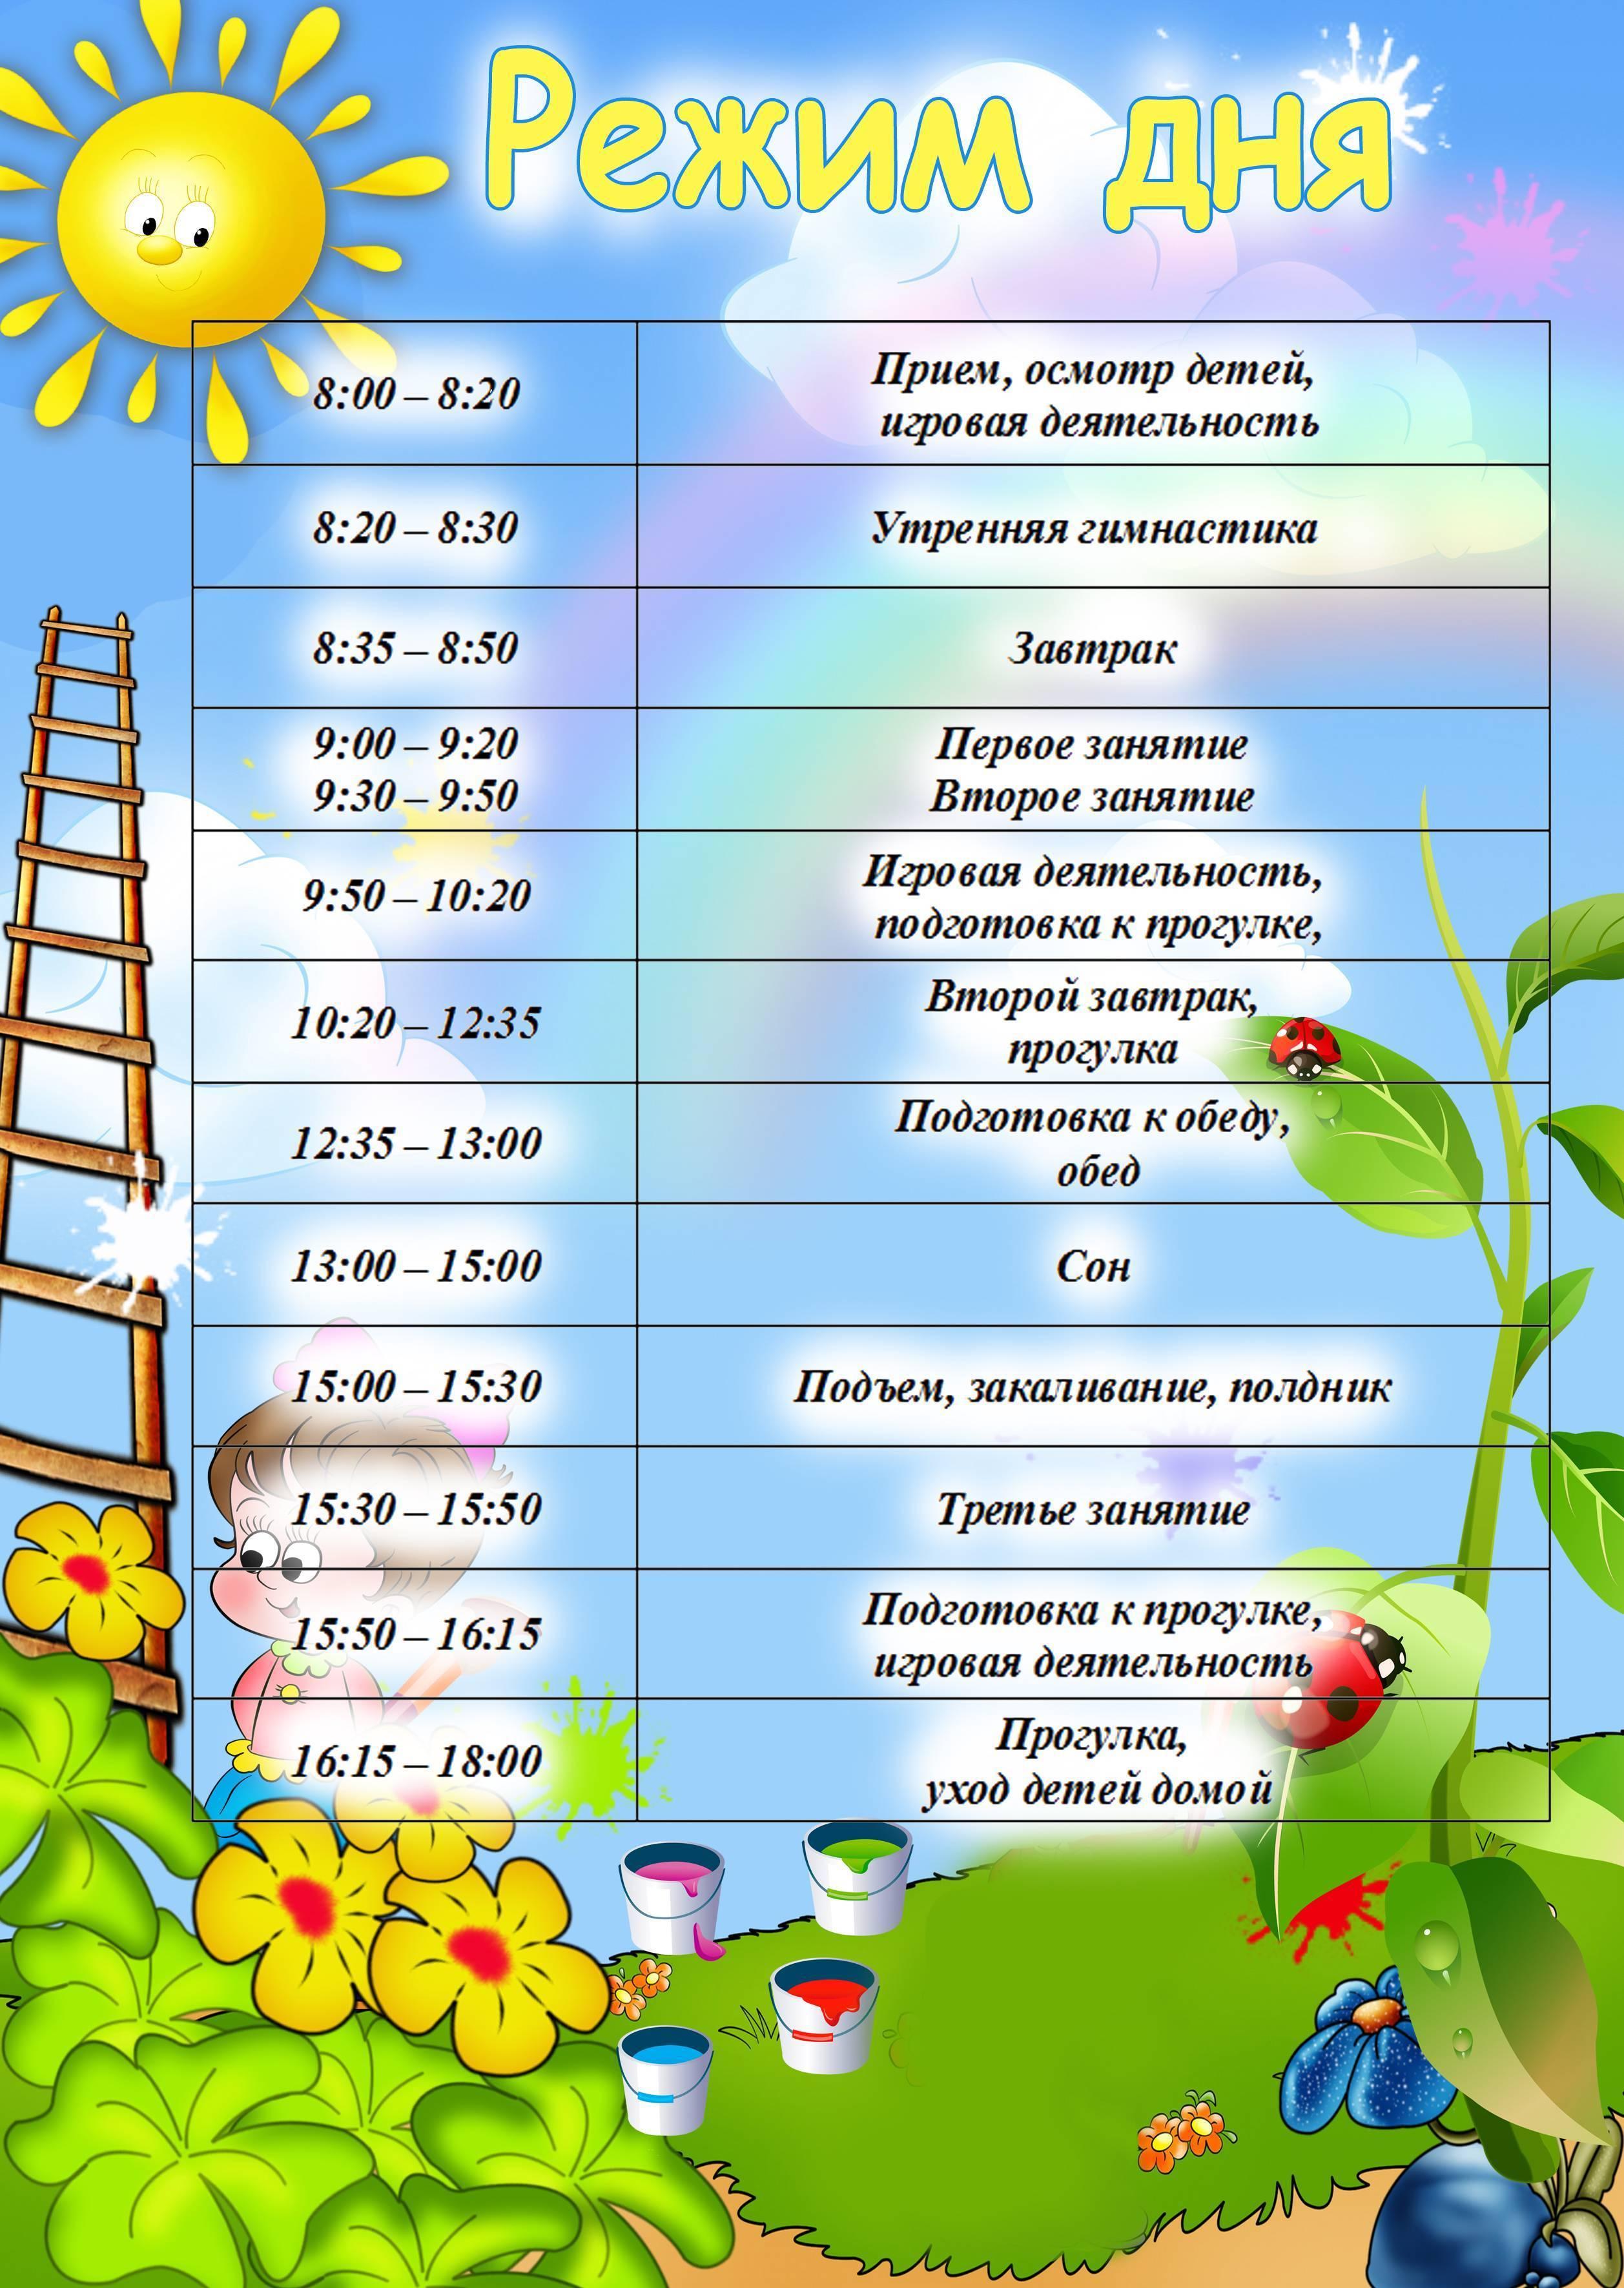 Режим дня ребенка в детском саду: расписание занятий, сна и питания в садике. консультация «режим дня. сон в первой младшей группе детский сад режим дня первая младшая группа